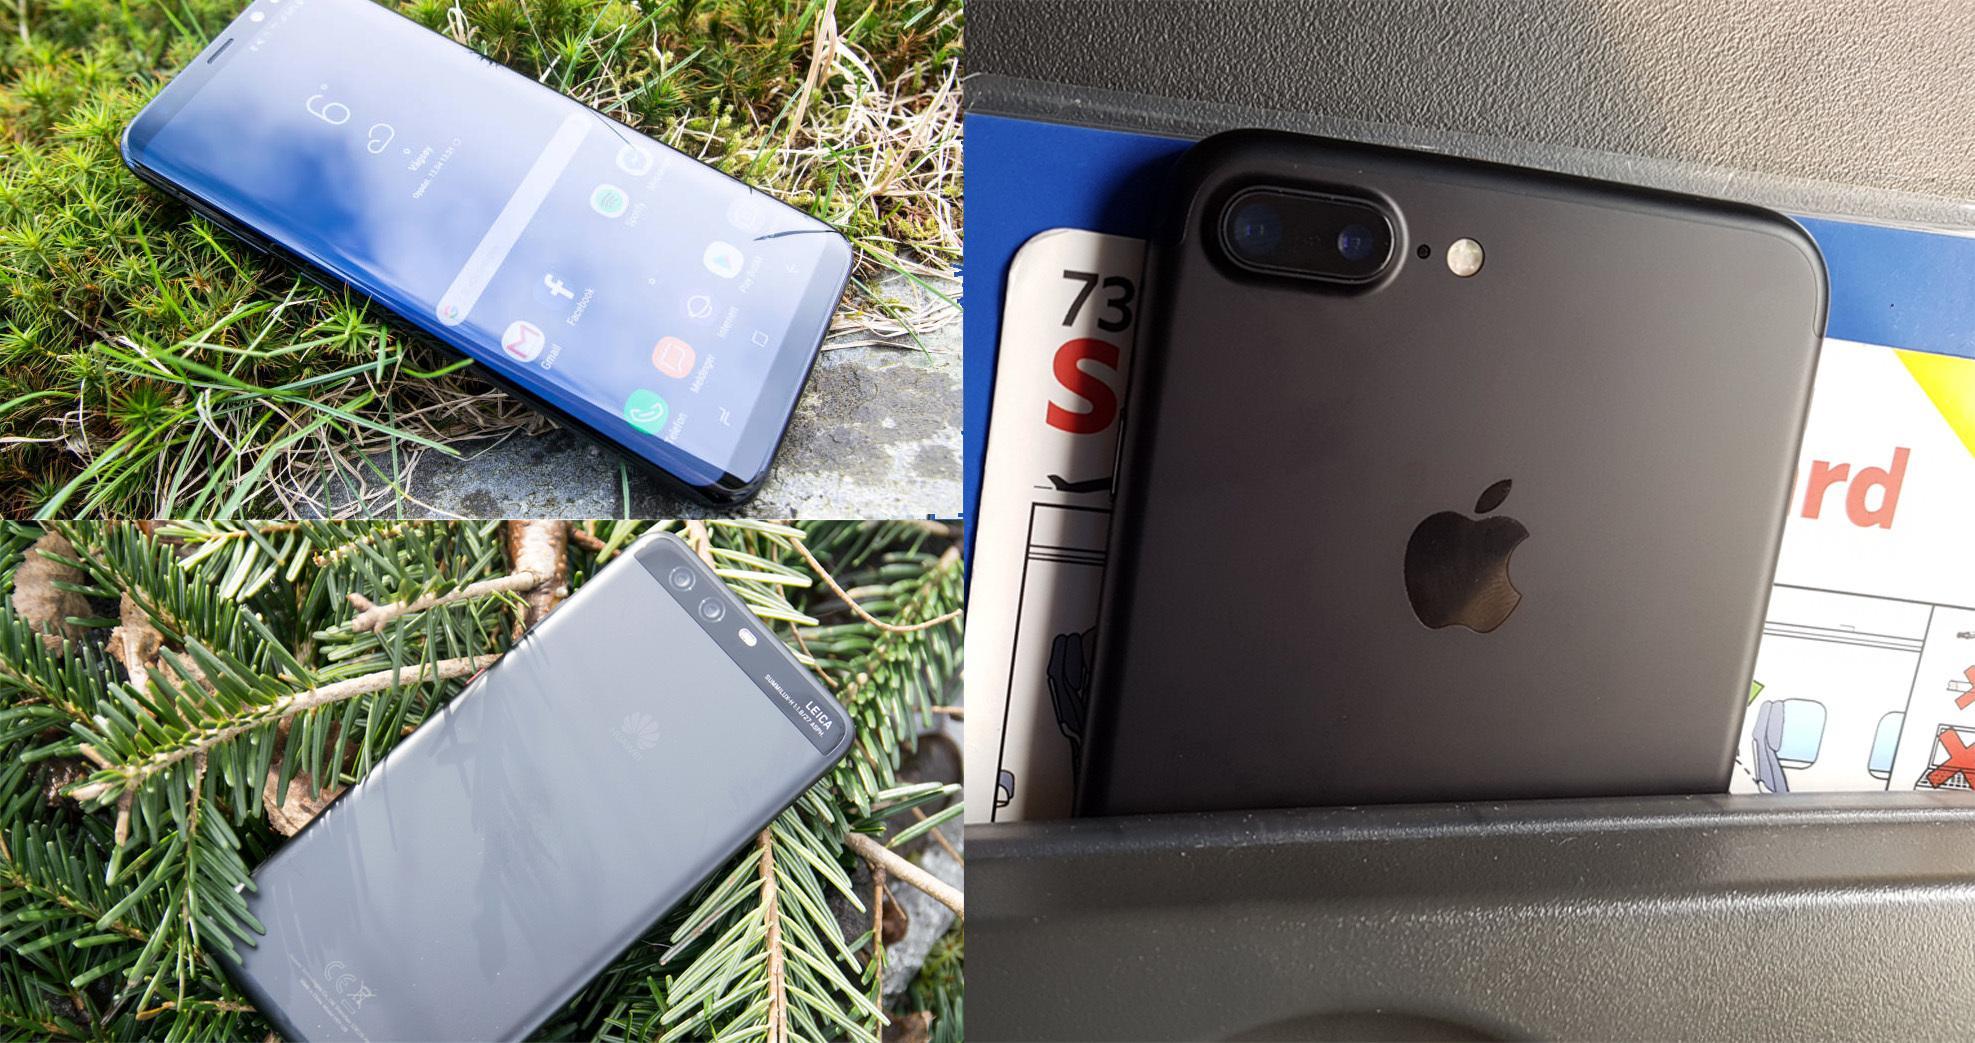 Stadig fler mobilprodusenter lager sine egne brikkesett til bruk i egne mobiler. Samsung, Apple og Huawei er fra før kjente for å gjøre det samme med navn som Exynos, A10 Fusion (inneværende modell) og Kirin.